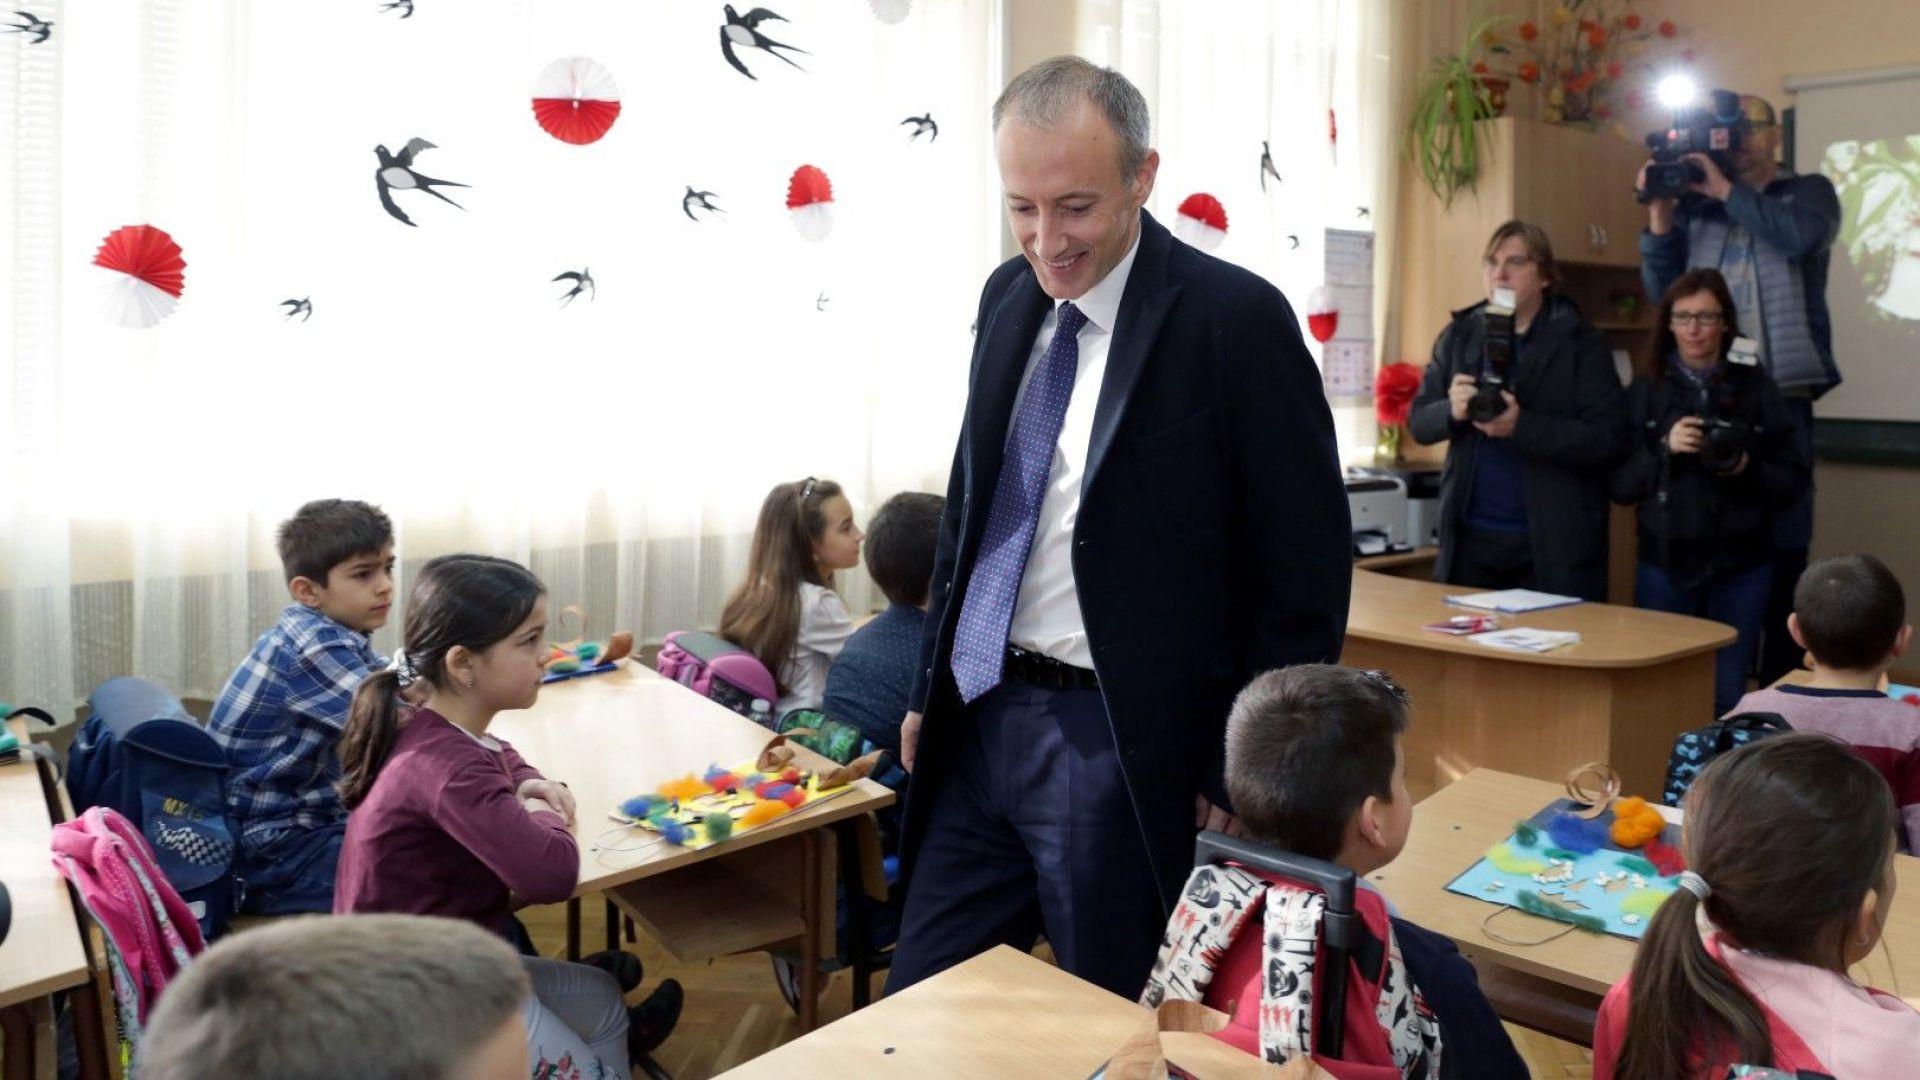 Еврокомисарят Наврачич е уверил, че ще реши проблема с половата идентичност в SELFIE